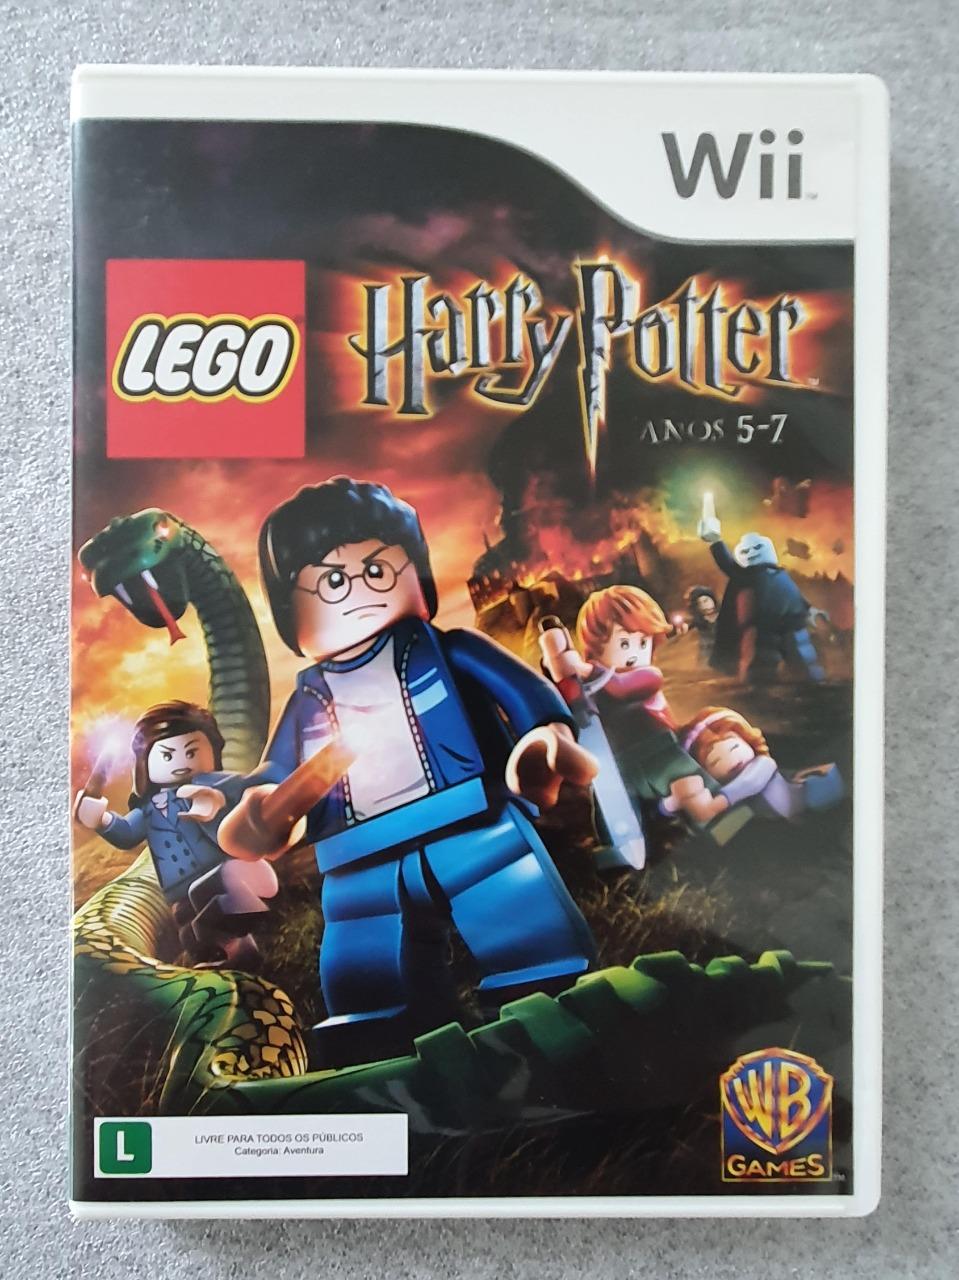 LEGO Harry Potter (5-7) - Nintendo Wii - Usado